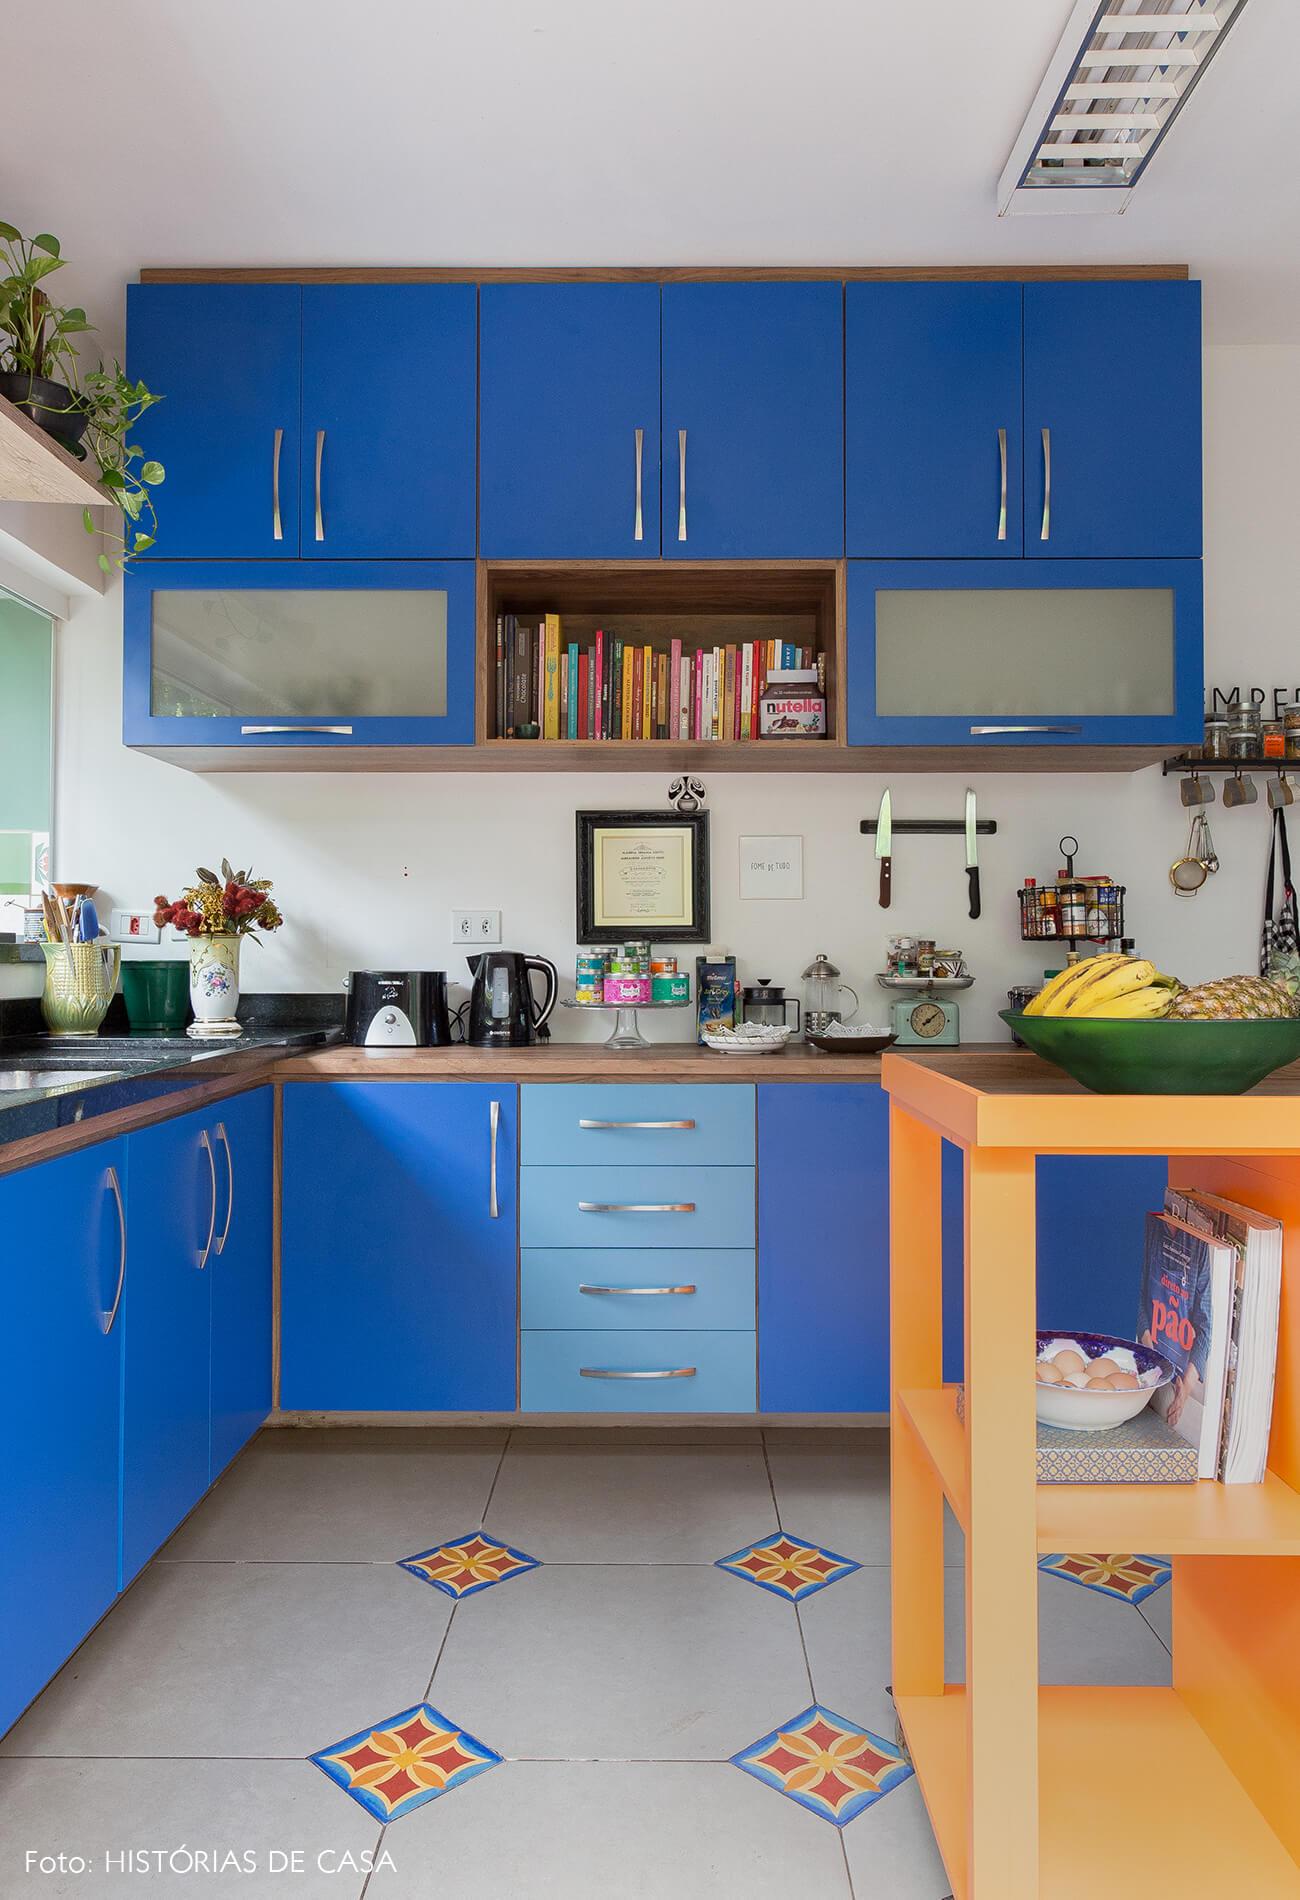 casa decoração cozinha colorida com armarios azuis e bancada laranja